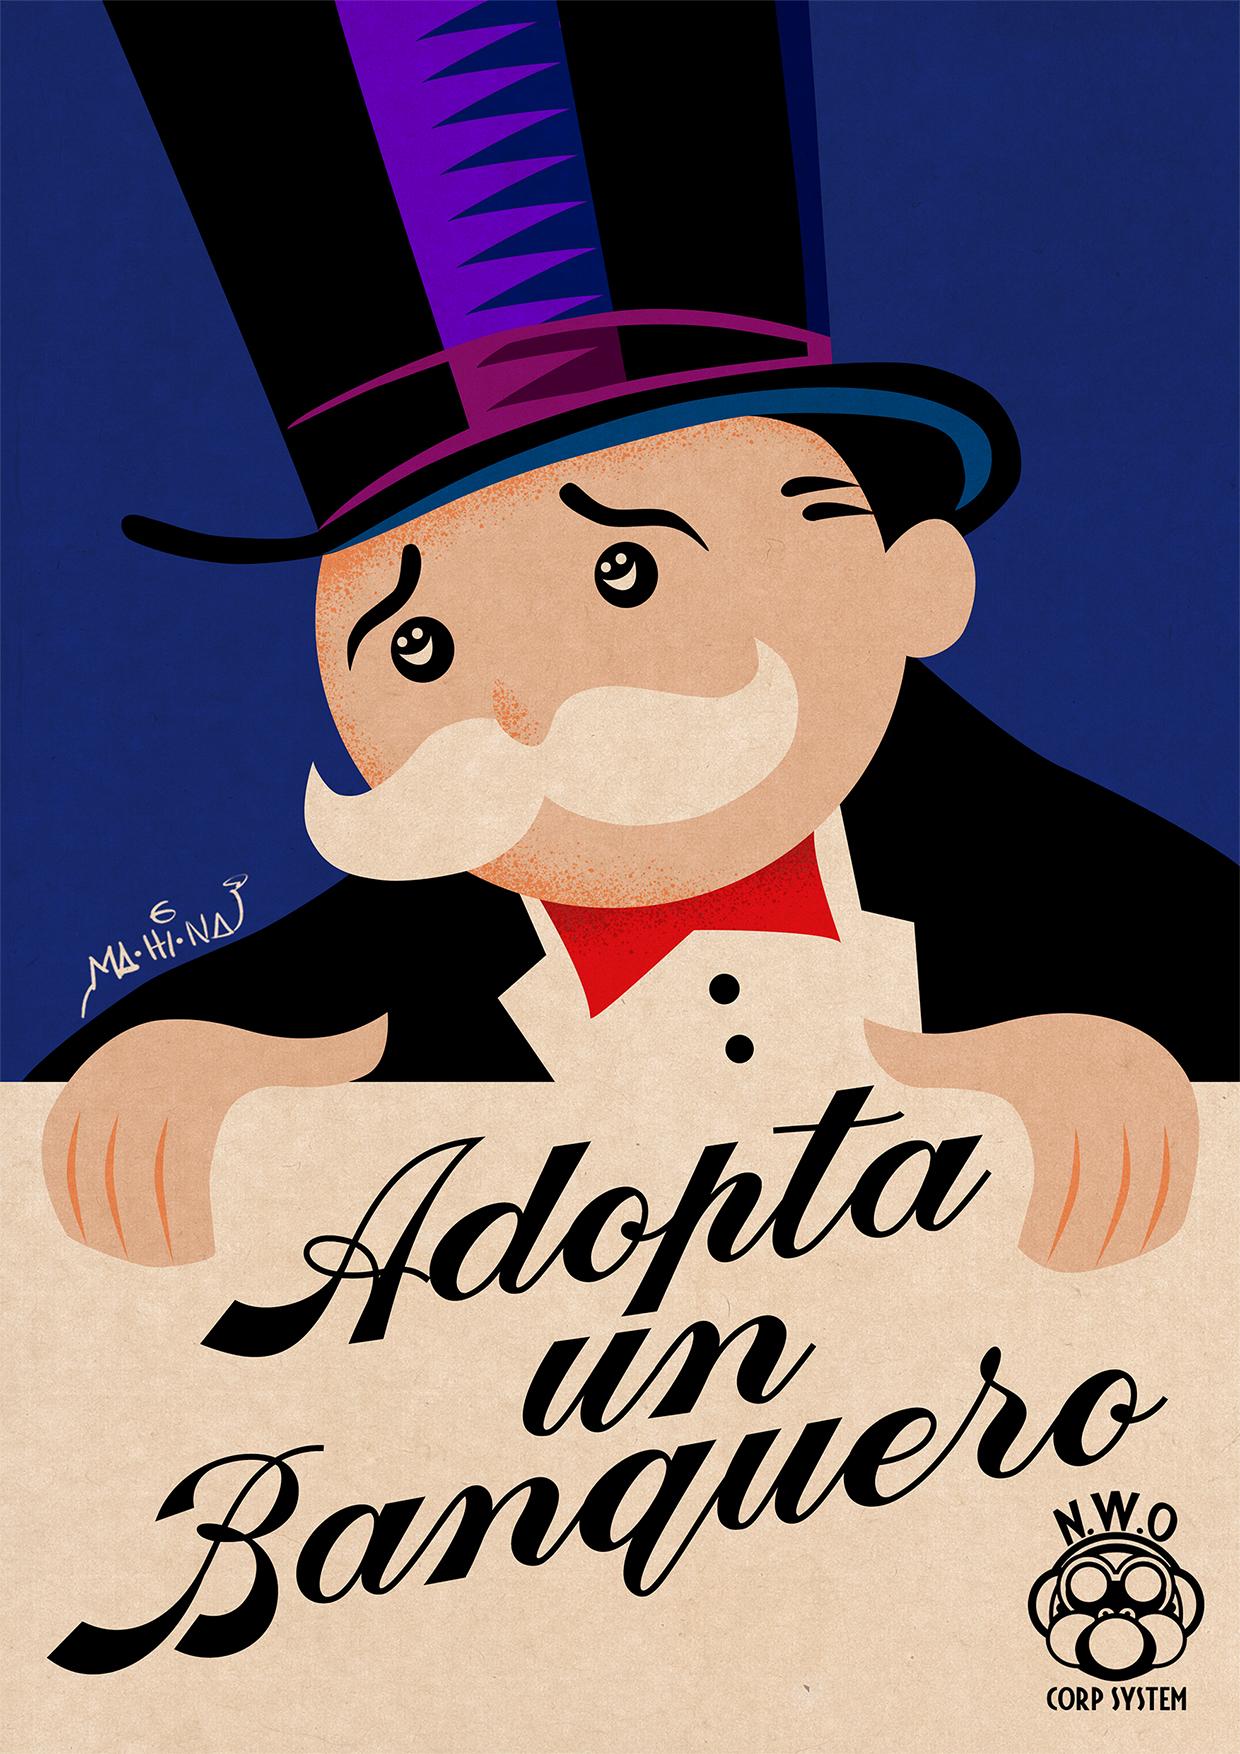 Adopta un banquero